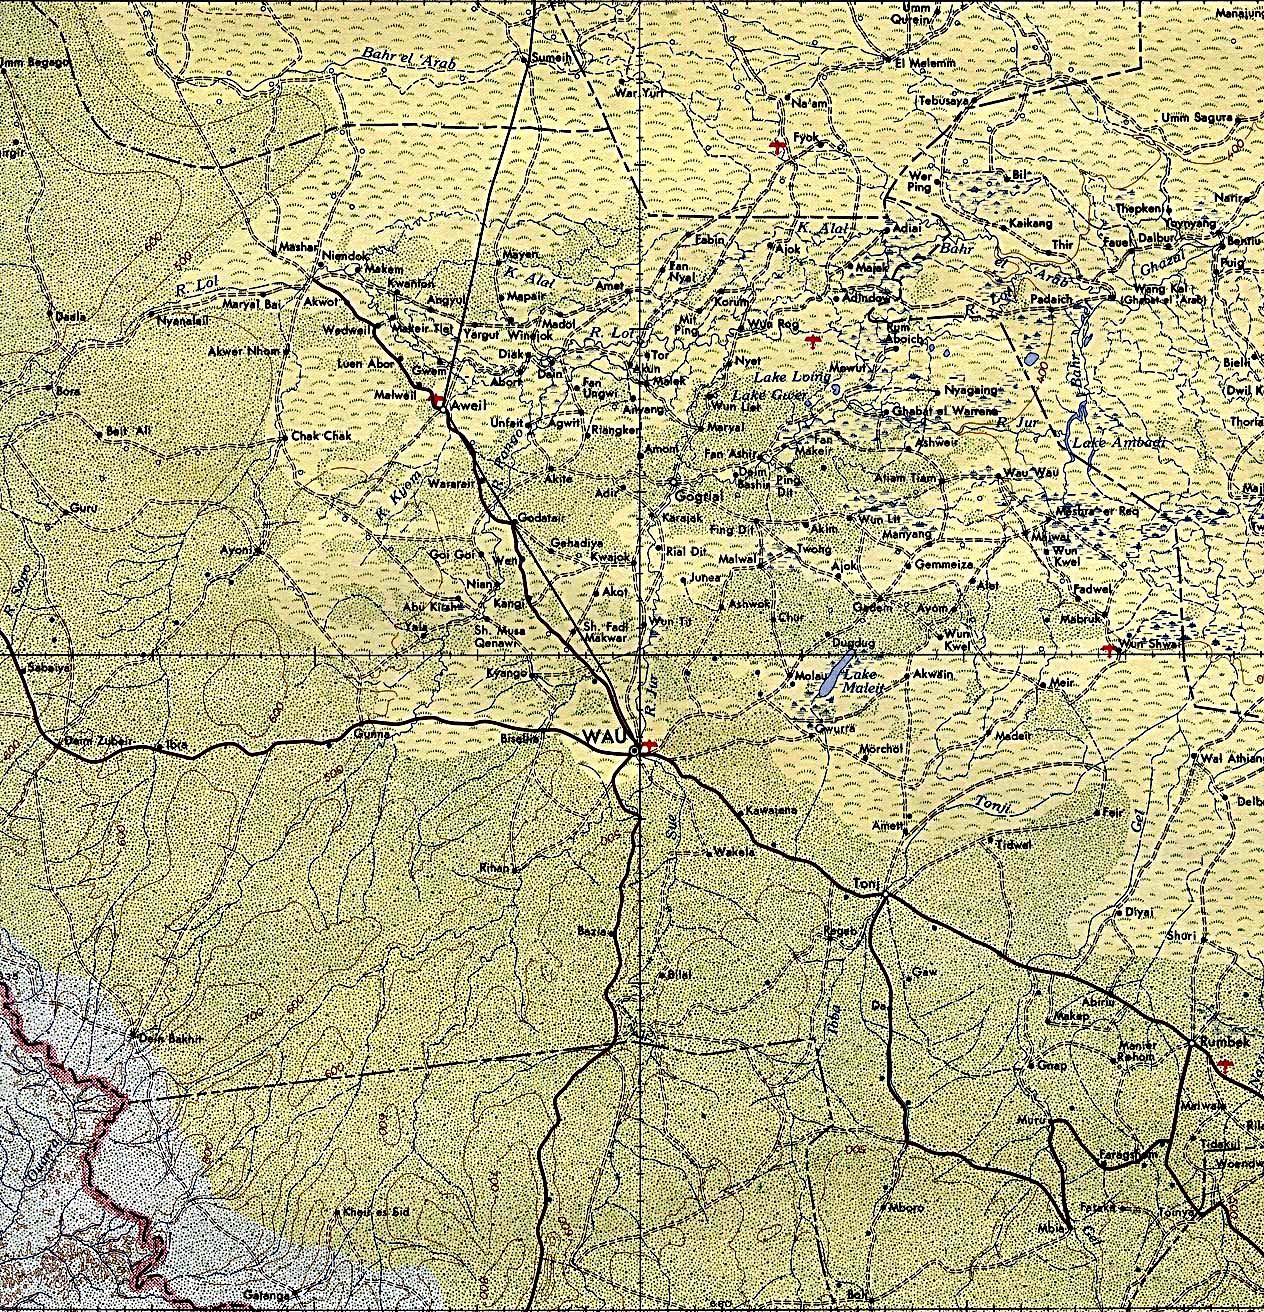 Mapa Topográfico de la Región de Wau, Sudán 1965